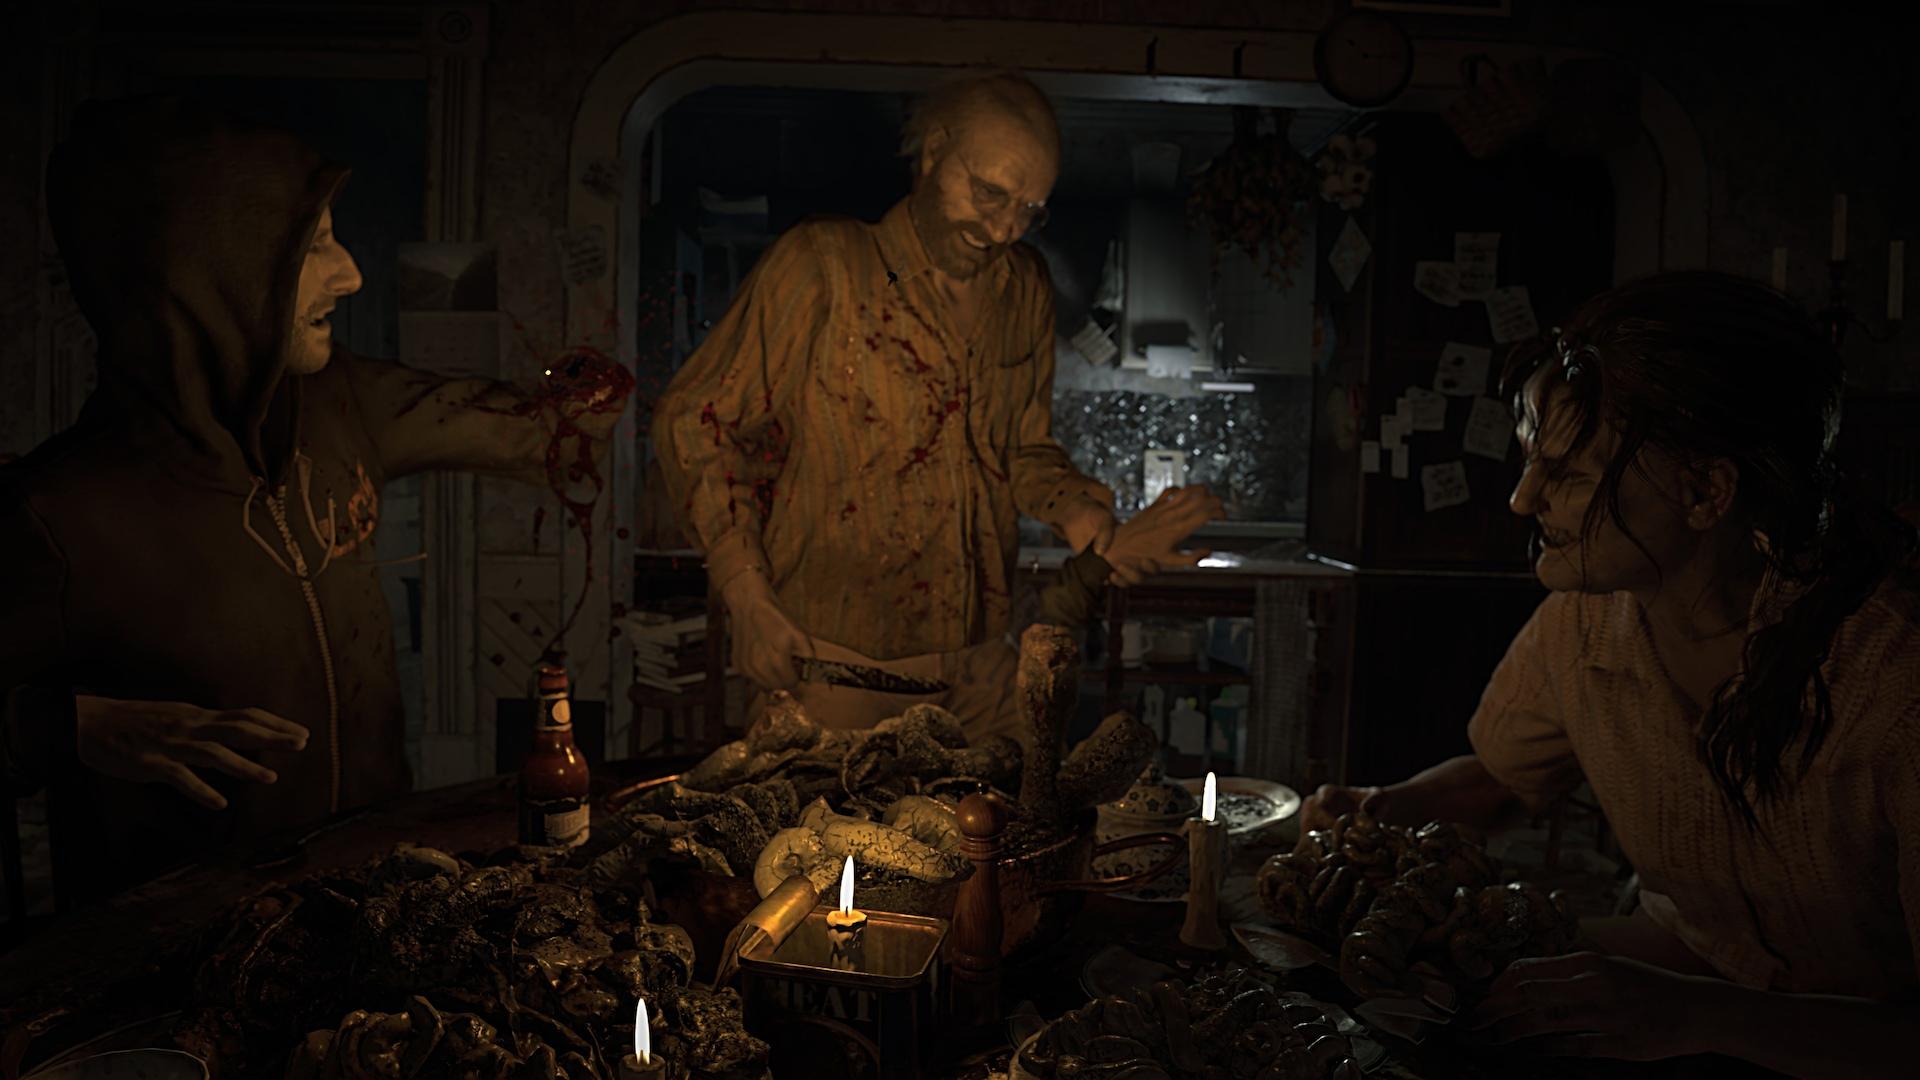 Энтузиаст сделал в Resident Evil 7 фиксированную камеру, превратив игру в олдскульный хоррор